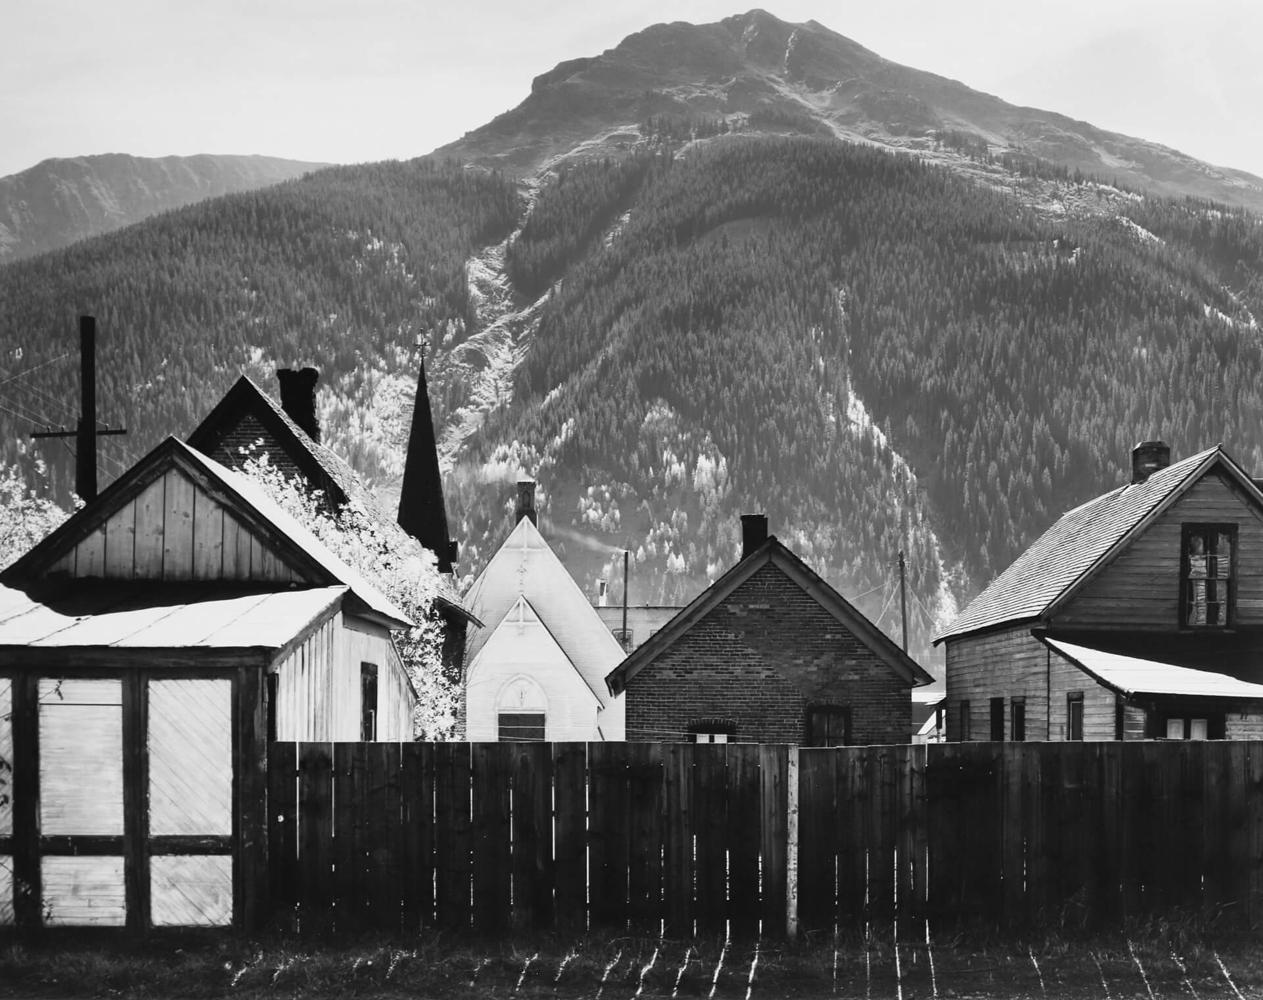 Ansel Adams - Silverton Colorado, 1951